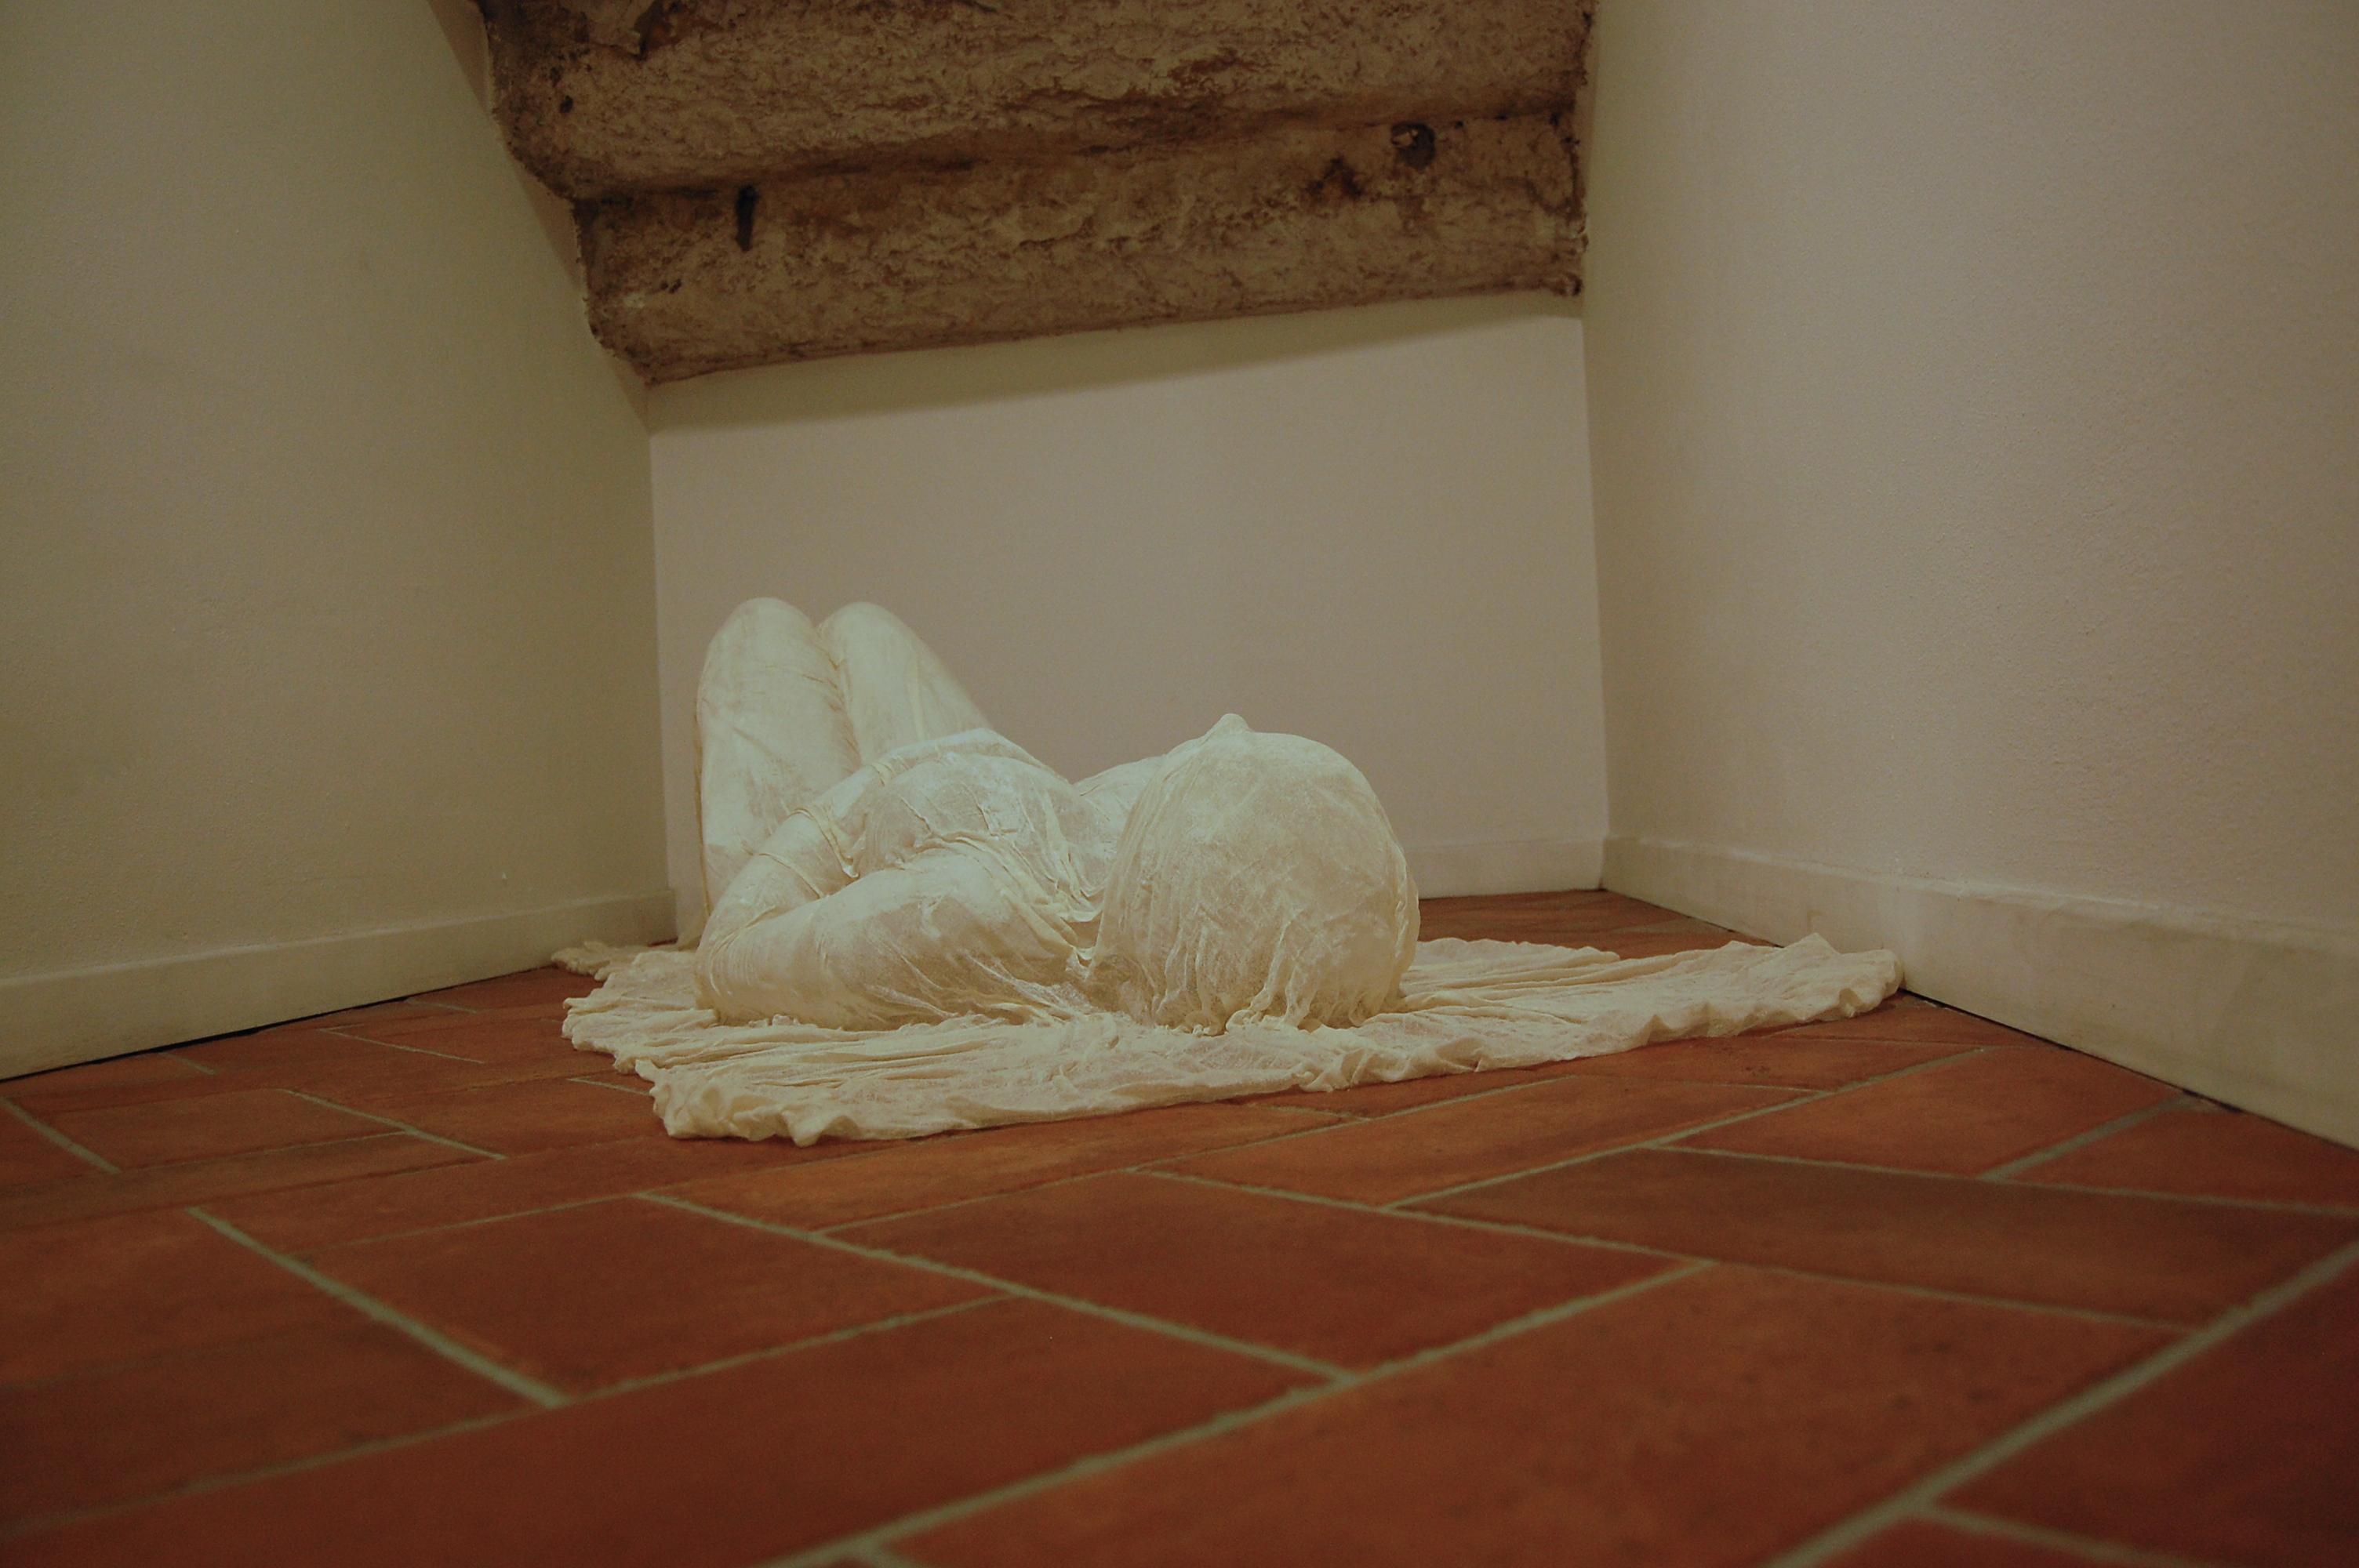 Federica Ferzoco, Body, Galleria E3, Brescia, 2014